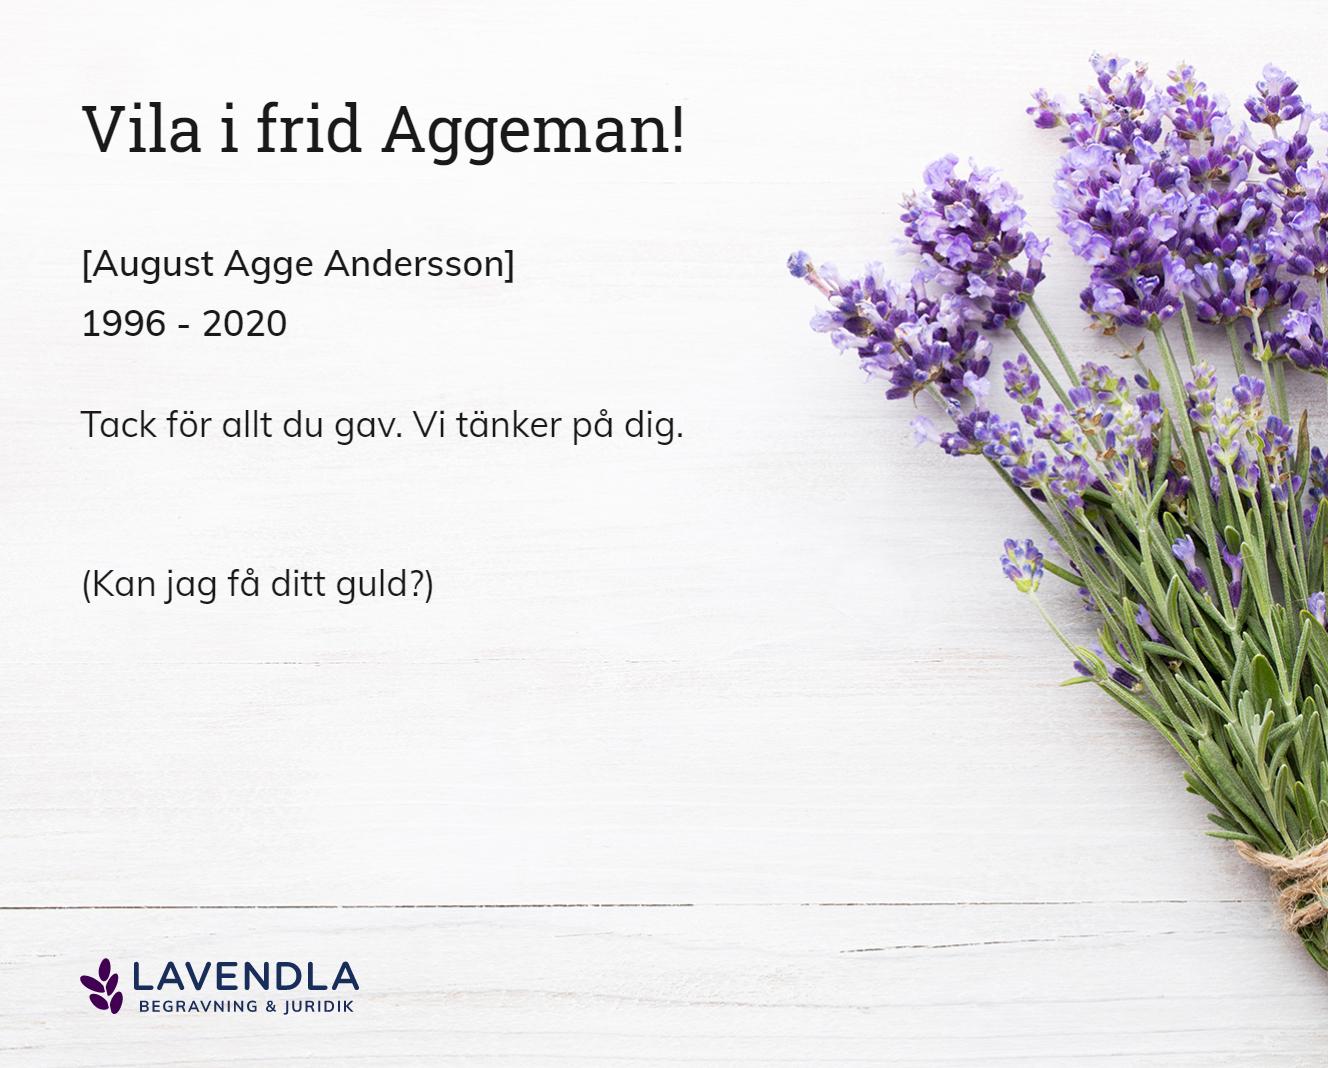 Inbjudningskort till ceremonin för [August Agge Andersson]